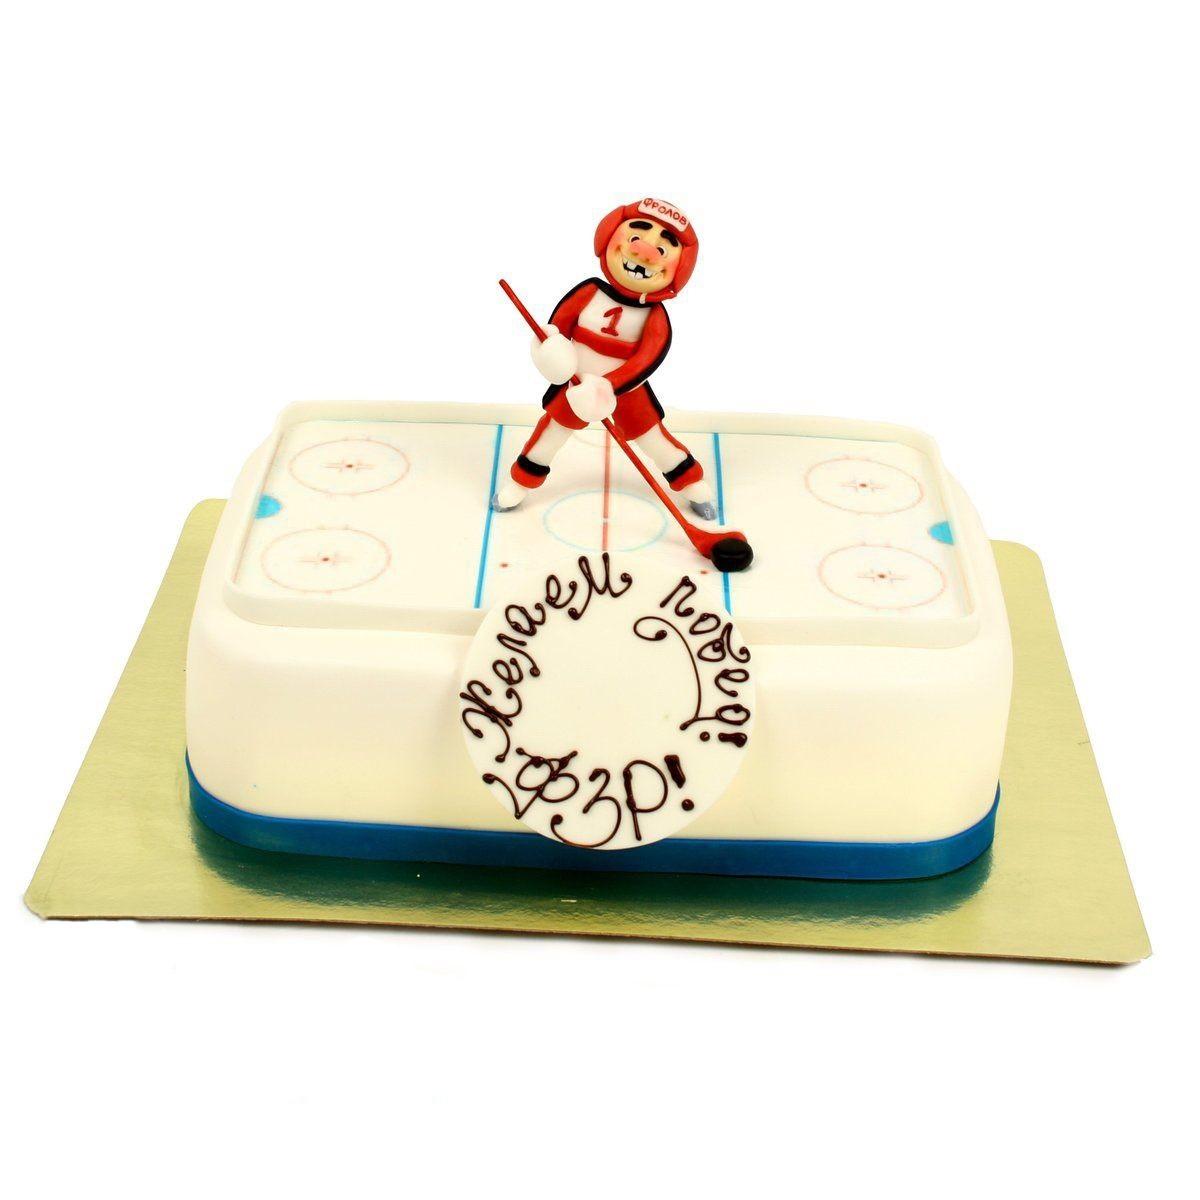 №1022 Торт хоккеист